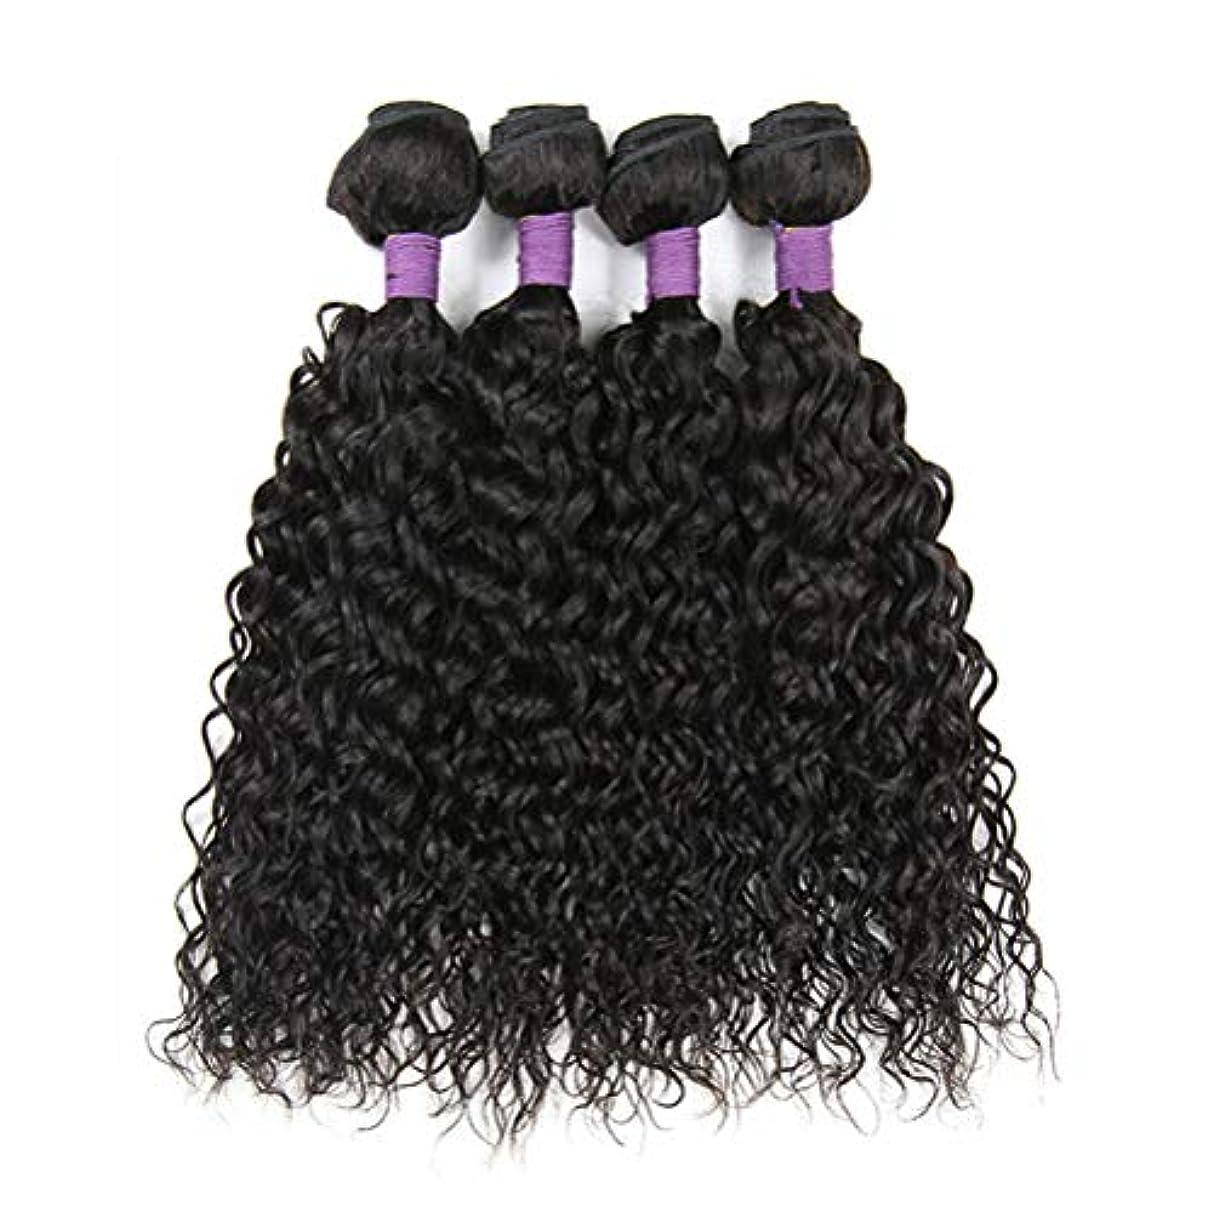 精査概要虐殺毛織り130%密度ブラジルの変態カーリーヘアバンドルブラジルの髪1バンドルブラジル人毛